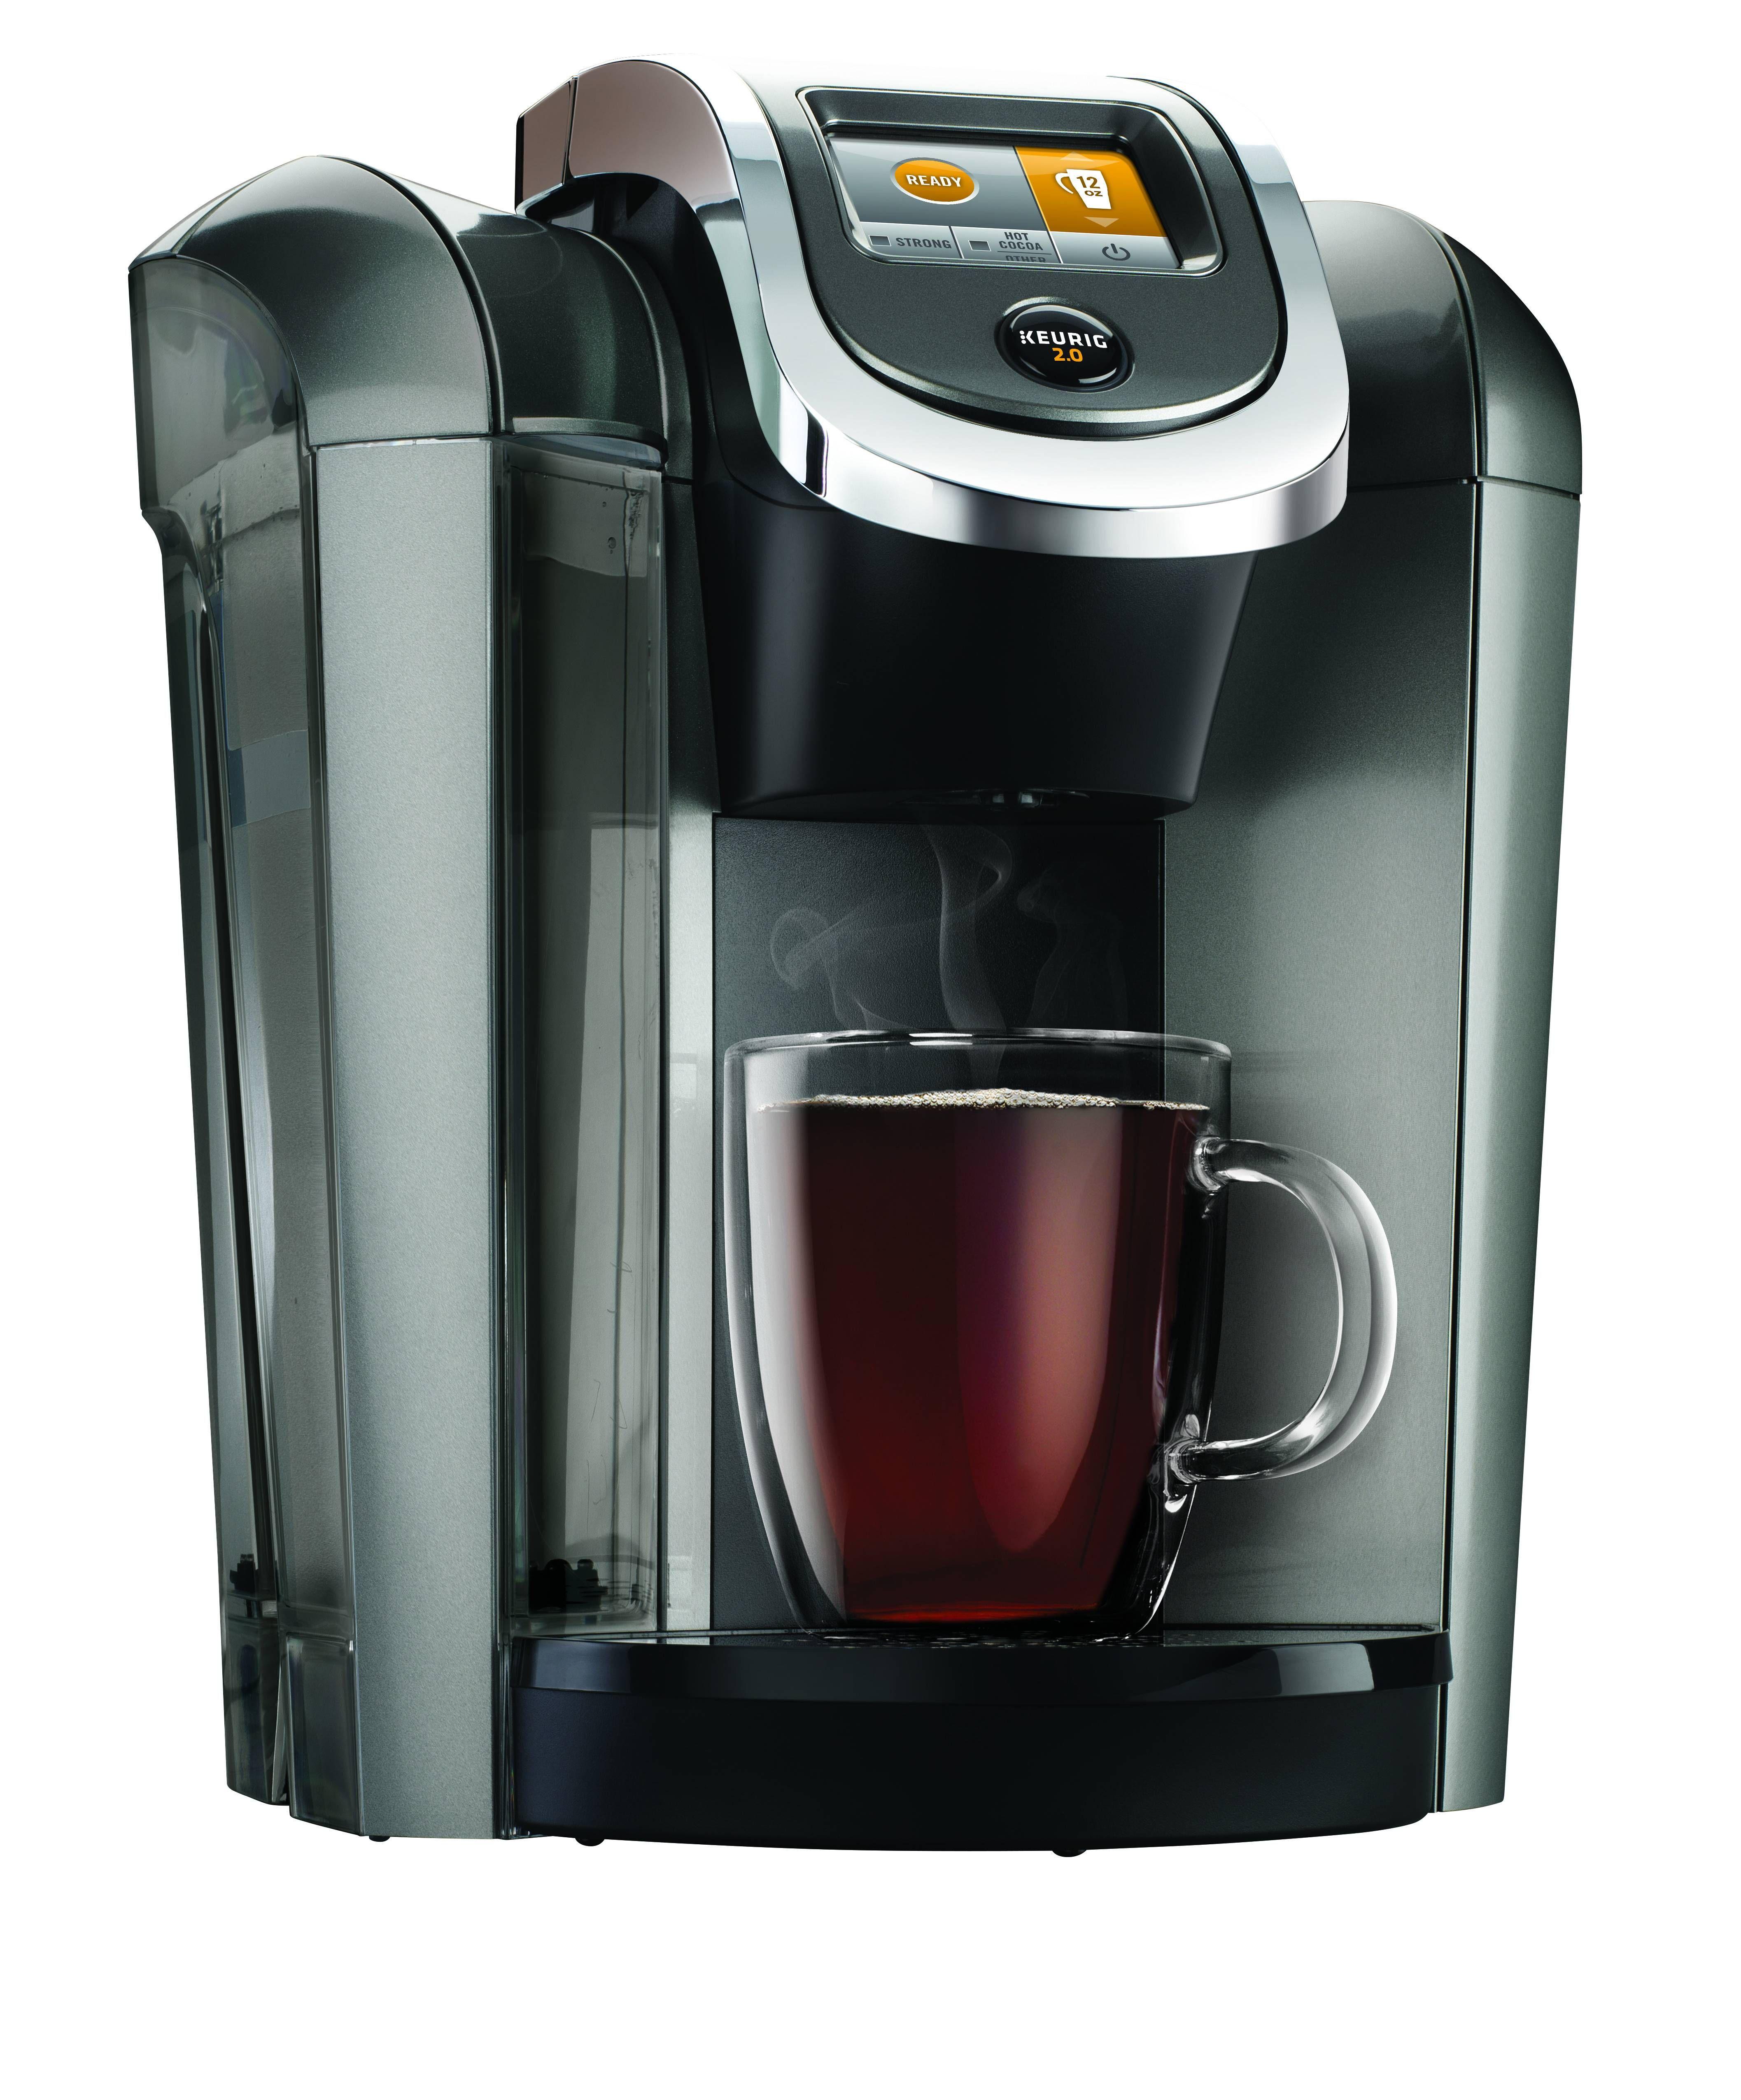 Home in 2020 Single coffee maker, Keurig, Coffee maker